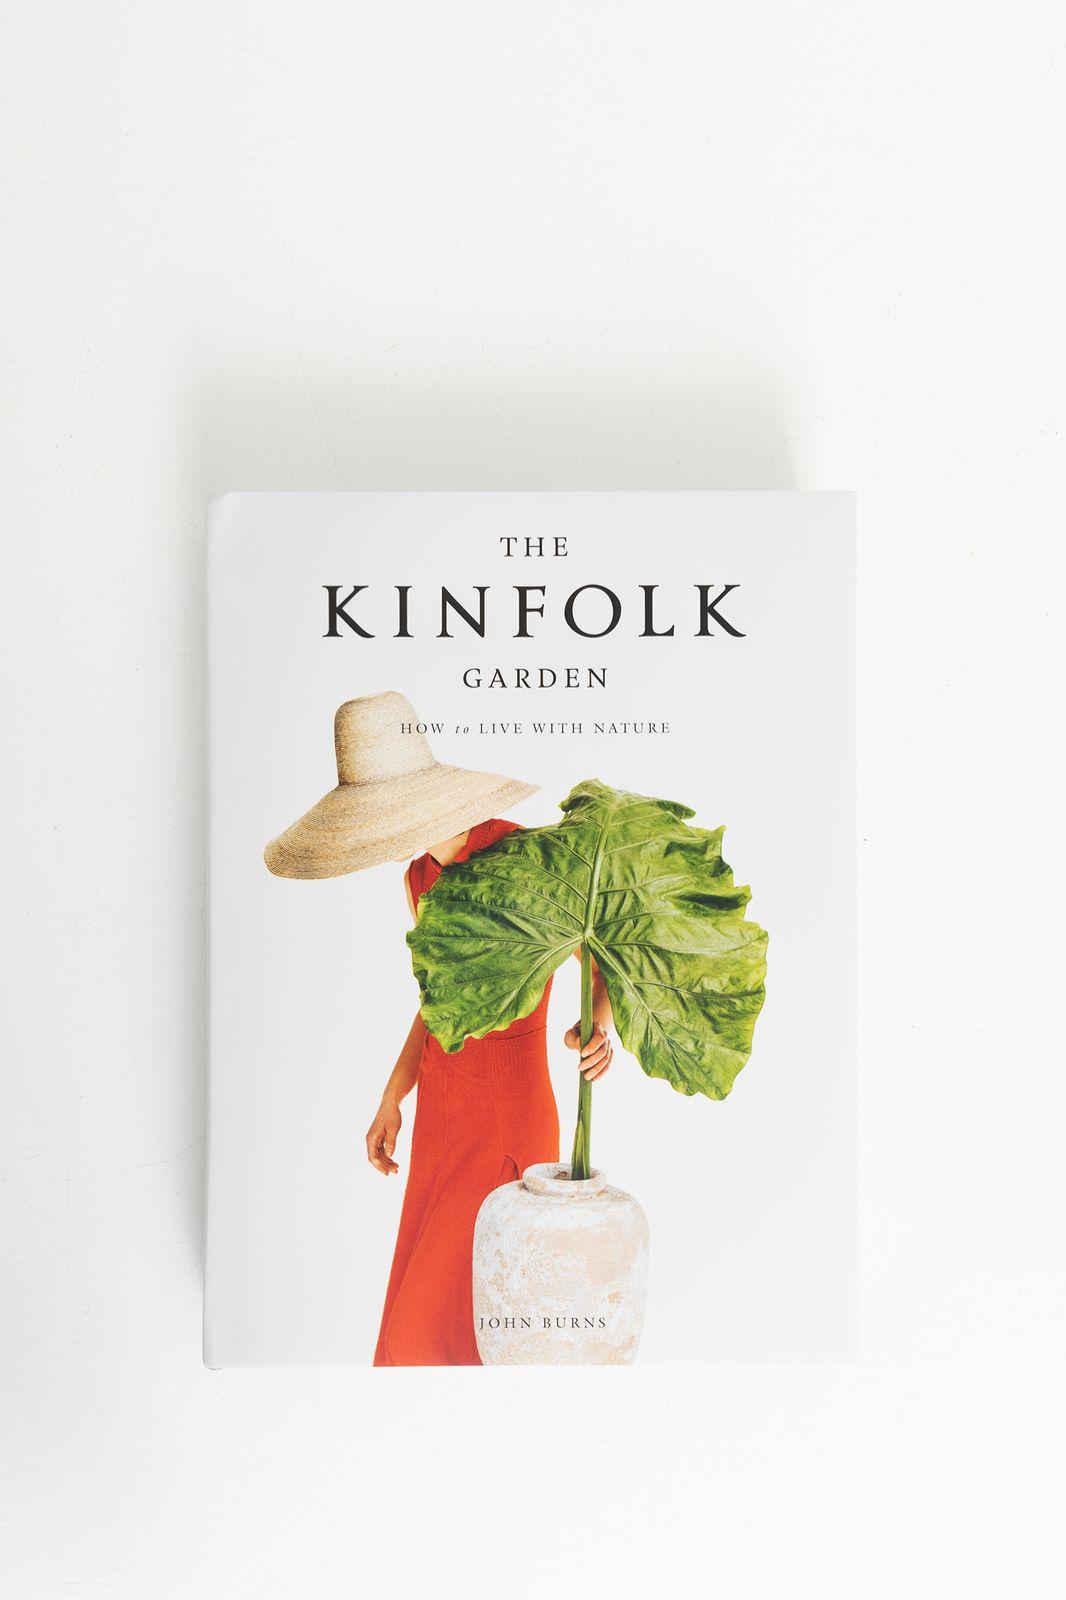 Boek The Kinfolk garden - Homeland | Sissy-Boy